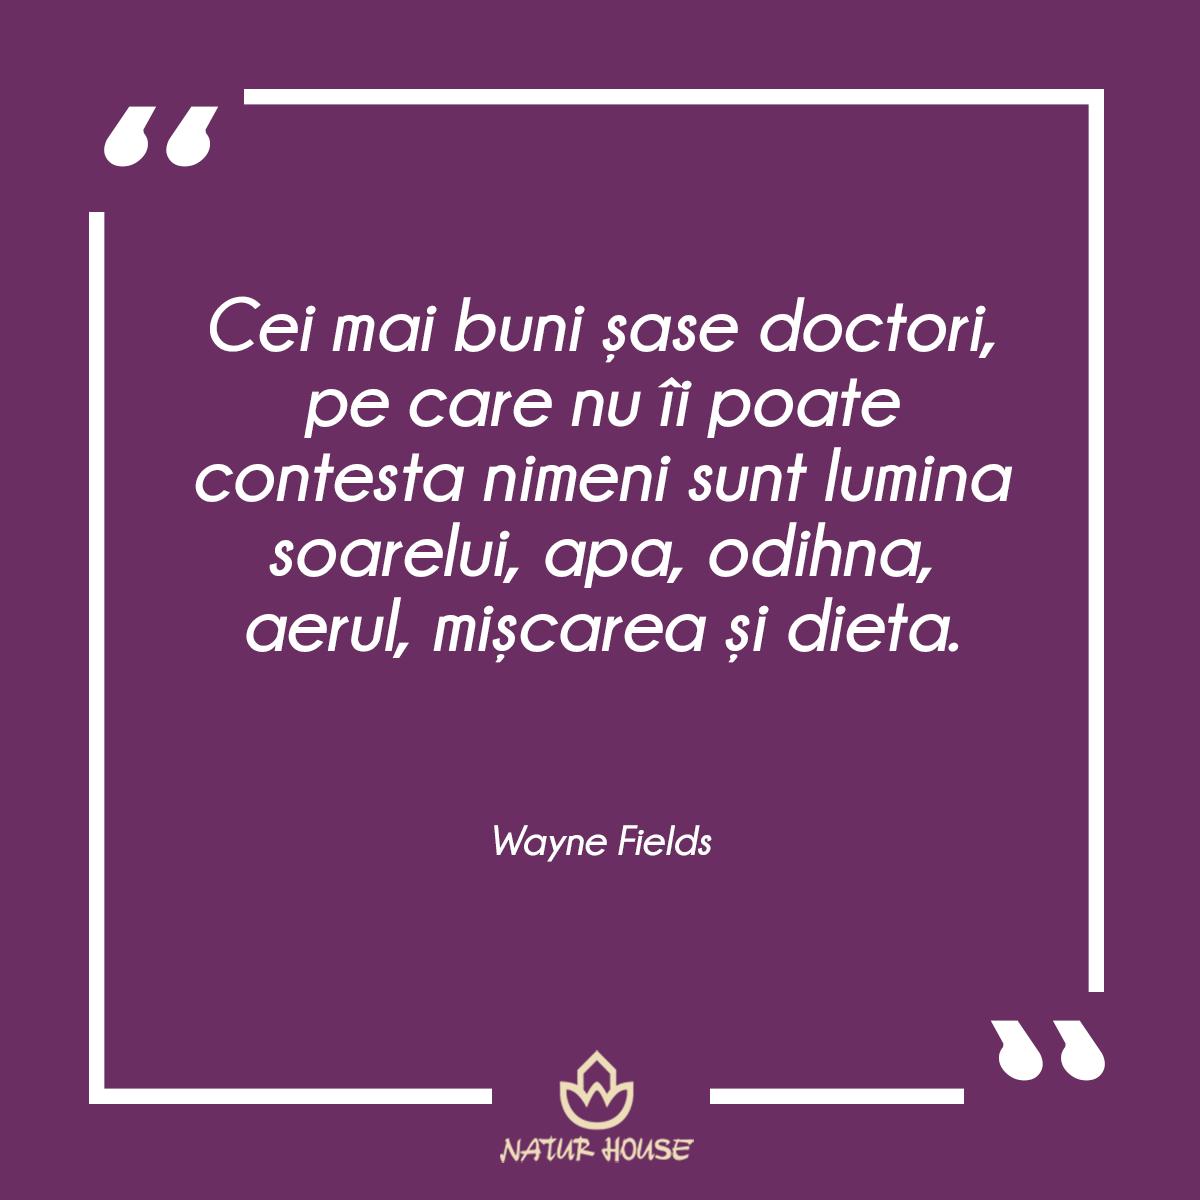 citate despre sanatate citate #sănătate #nutriție | Motivație pentru o viață sănătoasă  citate despre sanatate